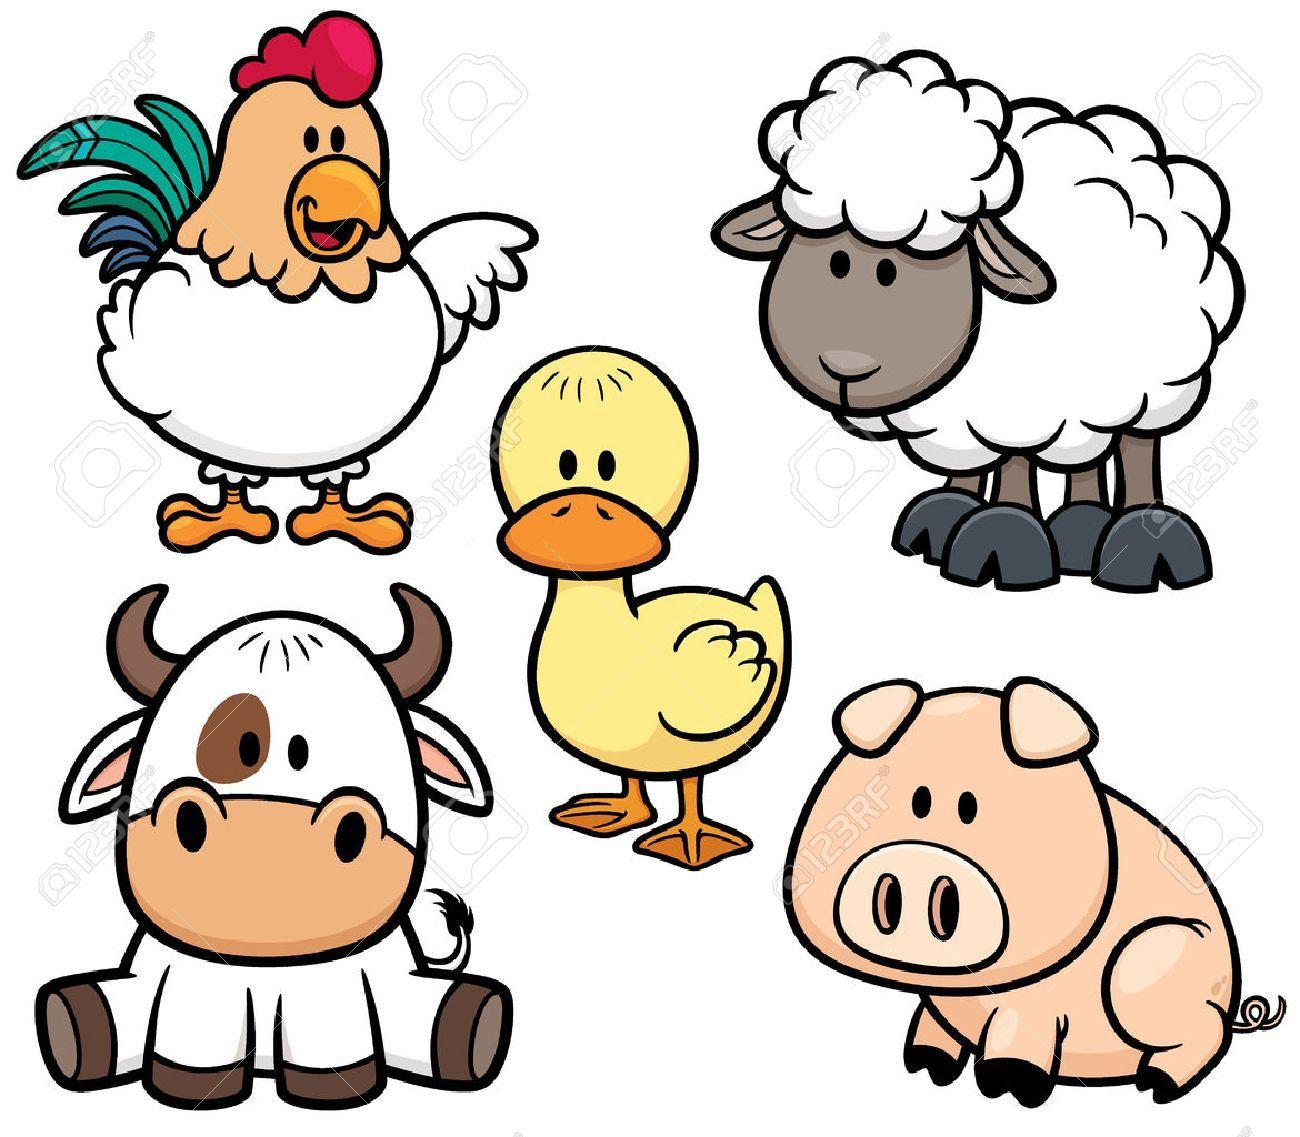 Resultado De Imagen Para Animales Dela Granja Animales De Granja Animados Granja Dibujo Animales Animados